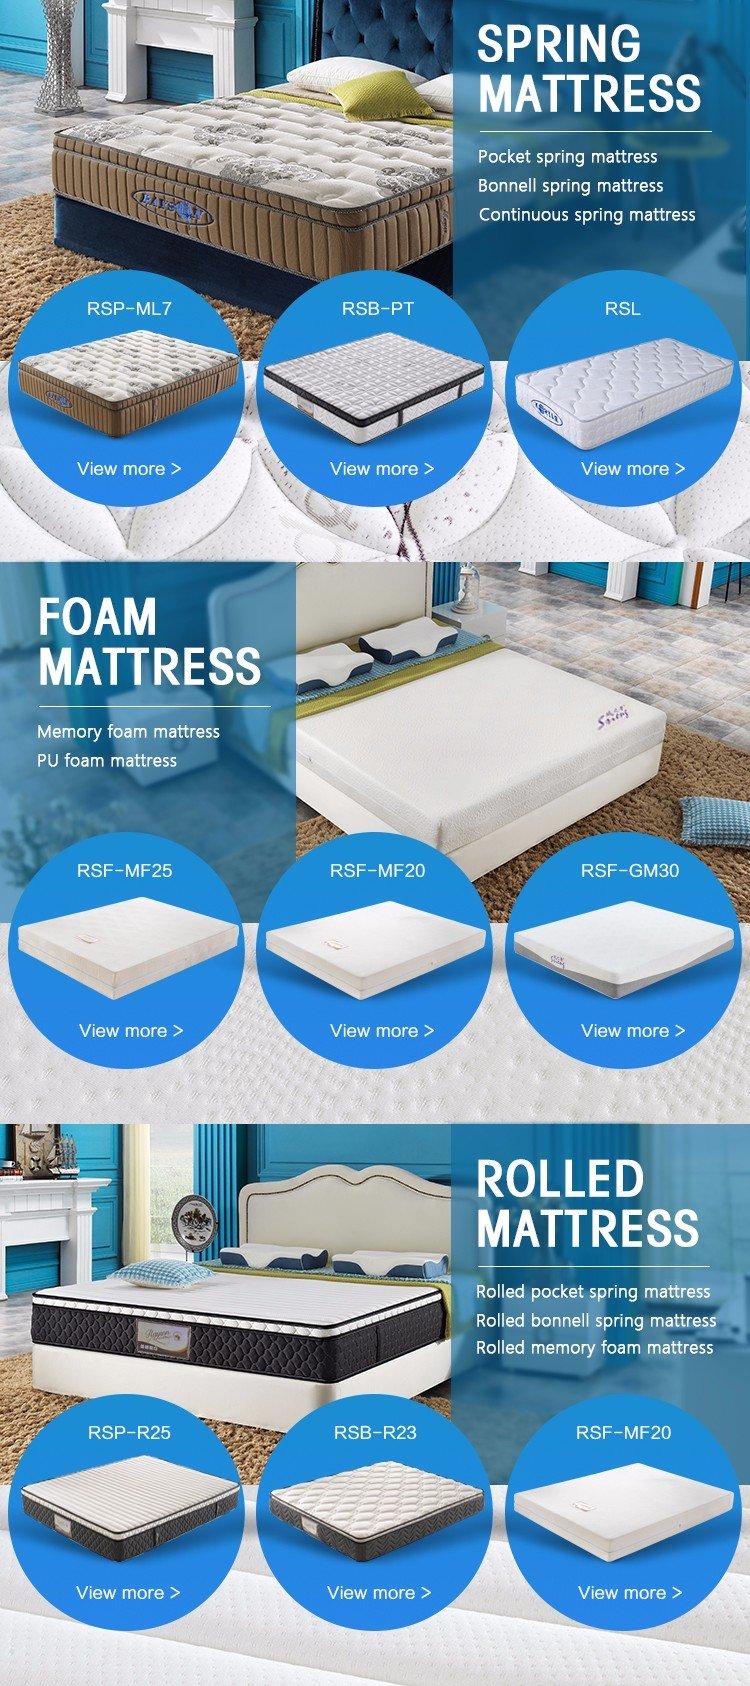 Best Quality Choice Better Sleep Rolled Up Mattress Memory Foam-10